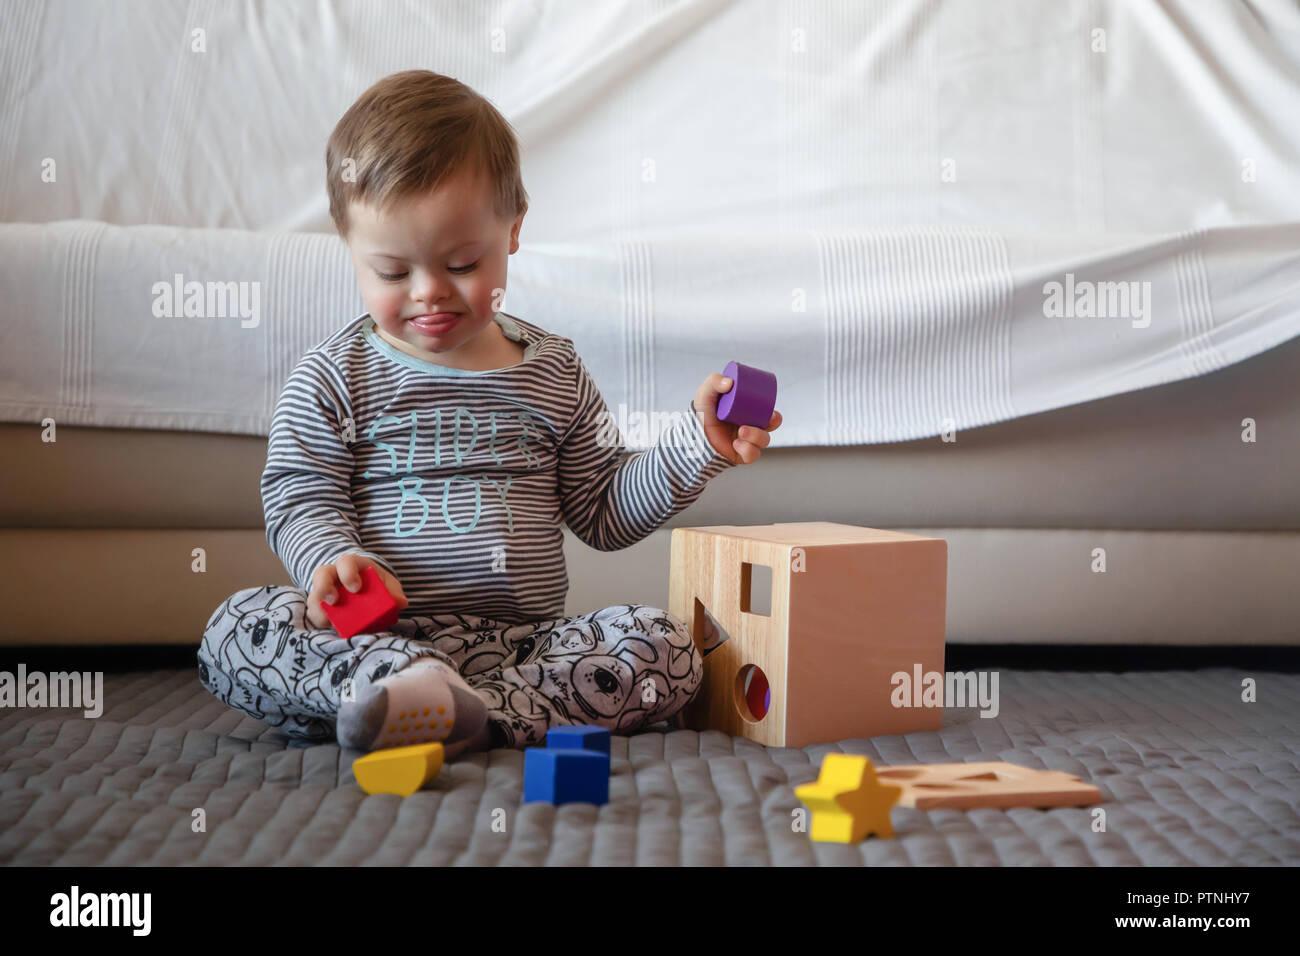 Portrait of cute boy avec le syndrome de jouer dans la maison Photo Stock